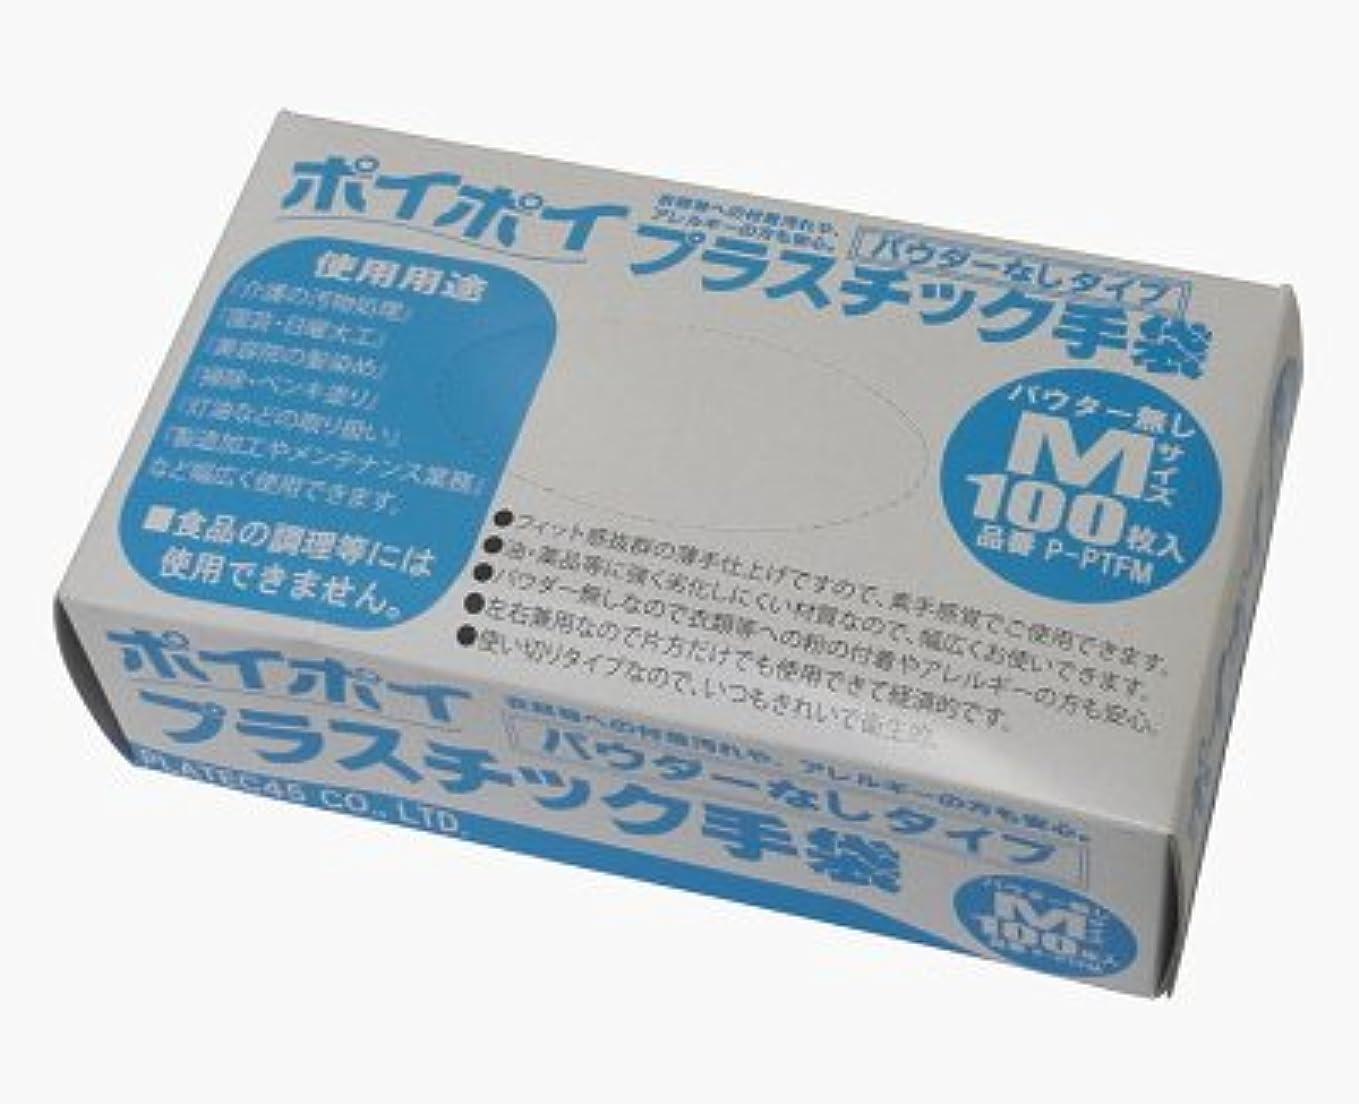 直径特権理想的には●●●プラテック45 プラスチックグローブパウダー無しM 100枚×20箱